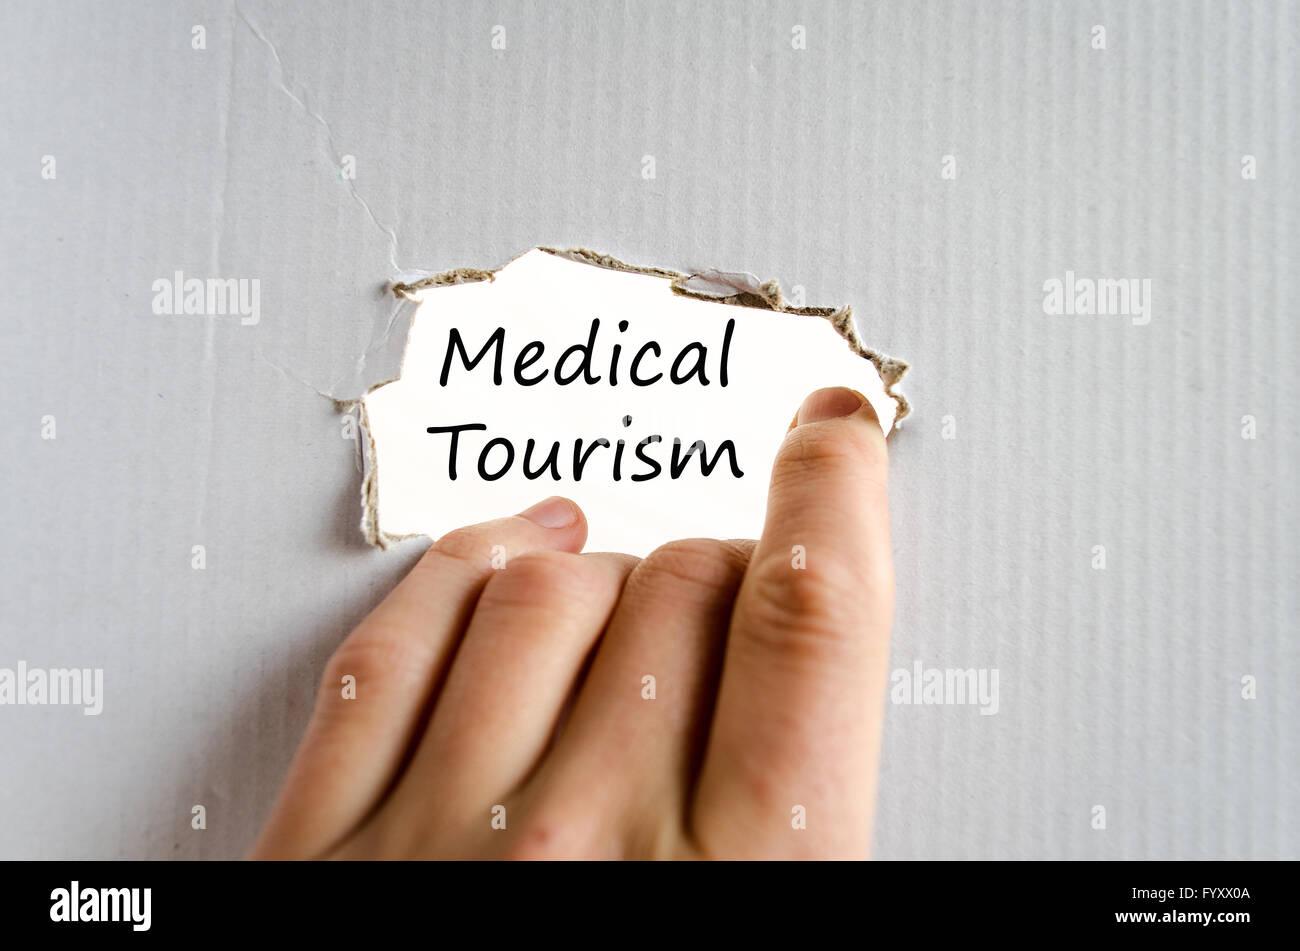 Turismo médico concepto texto Imagen De Stock